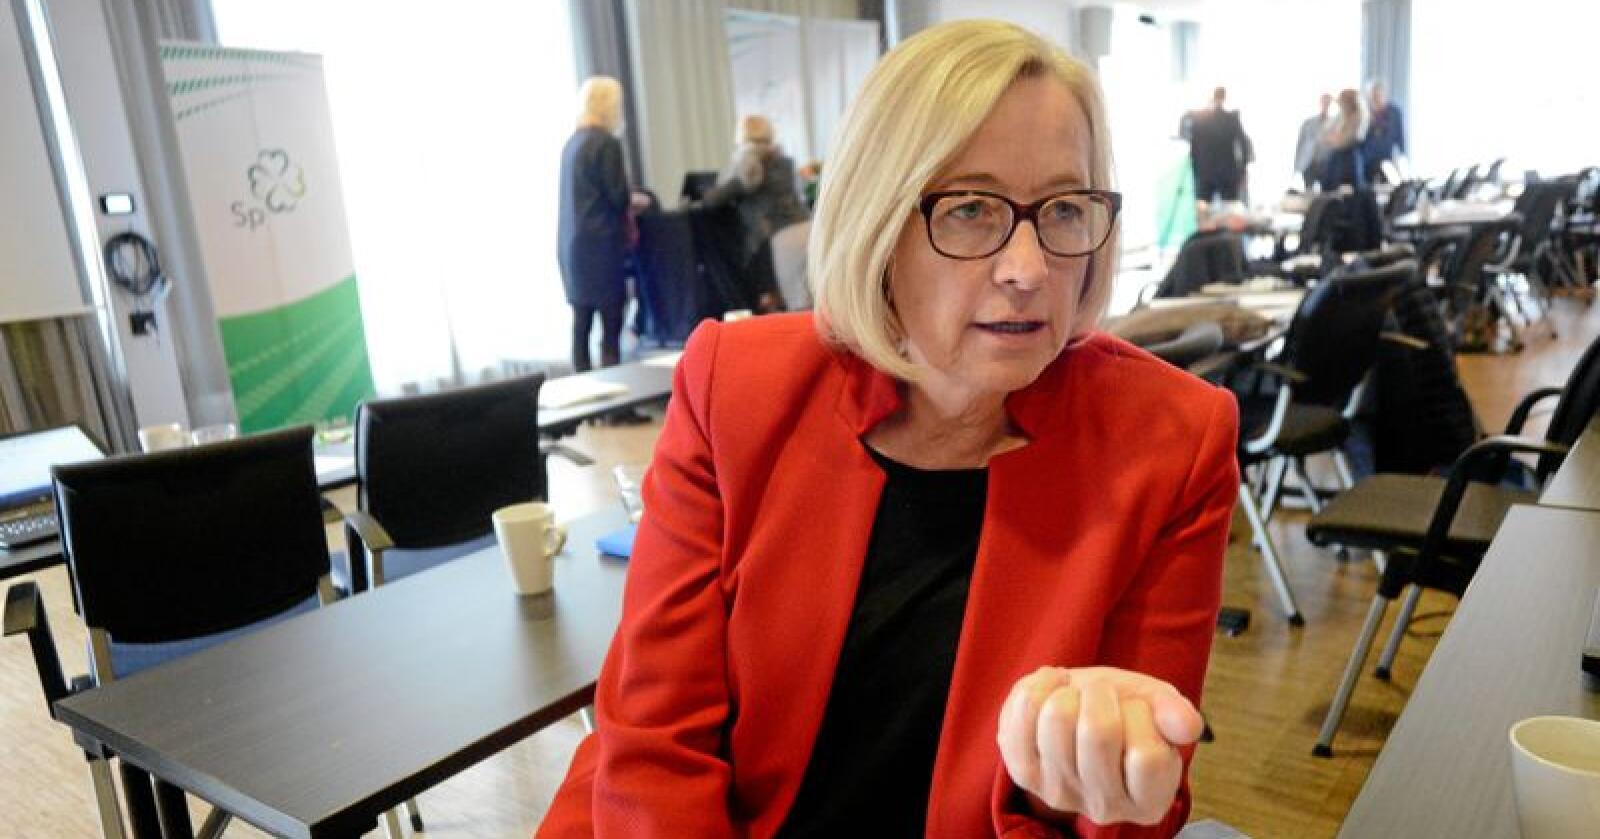 Marit Arnstad mener Bård Vegar Solhjell tar feil i sin kritikk av Arbeiderpartiet. Foto: Siri Juell Rasmussen